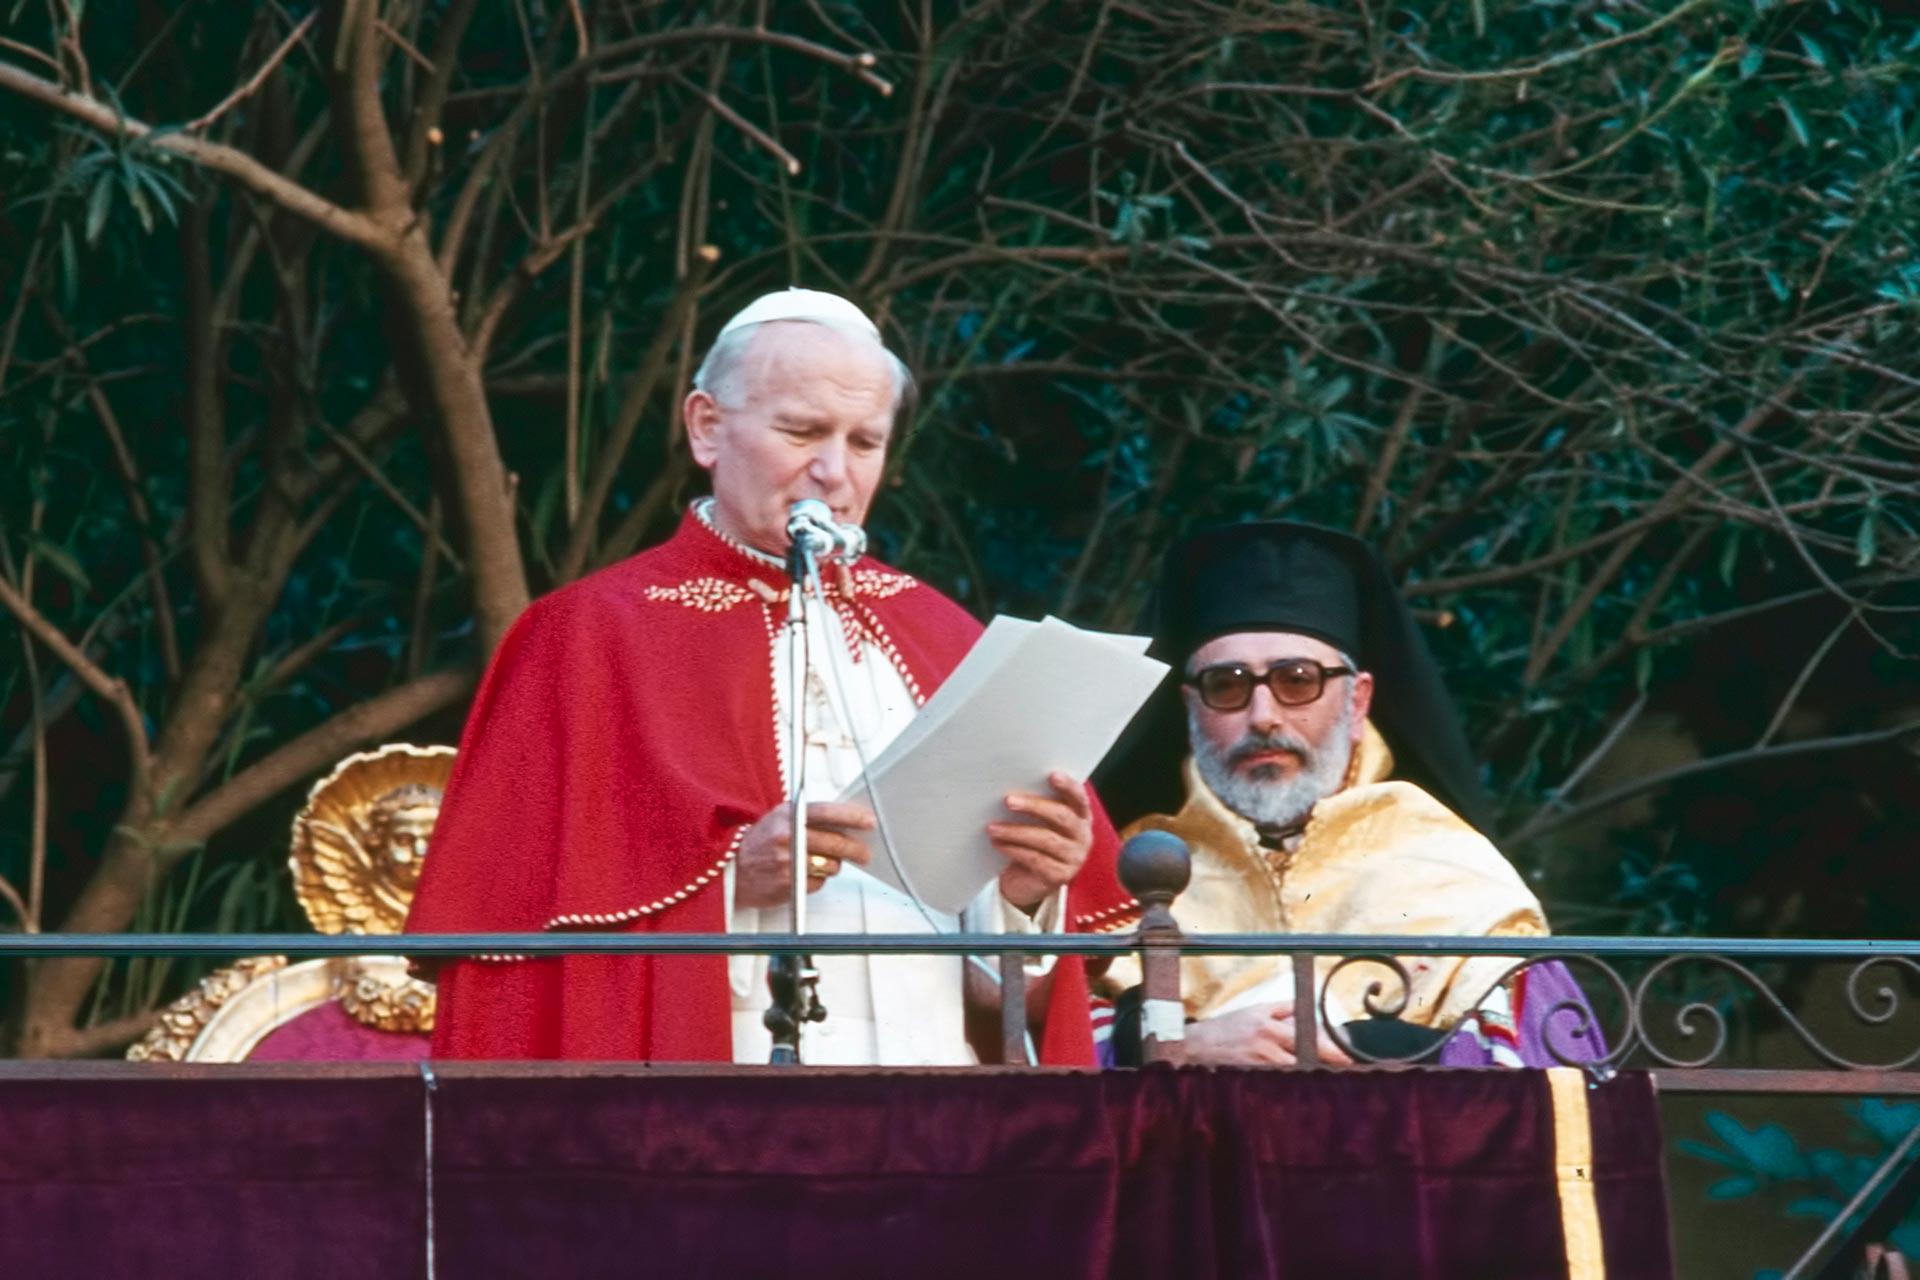 """Visite auprès de la communauté gréco-orthodoxe de Piana degli Albanesi, dans l'église albanaise de rite byzantin """"La Martorana""""."""